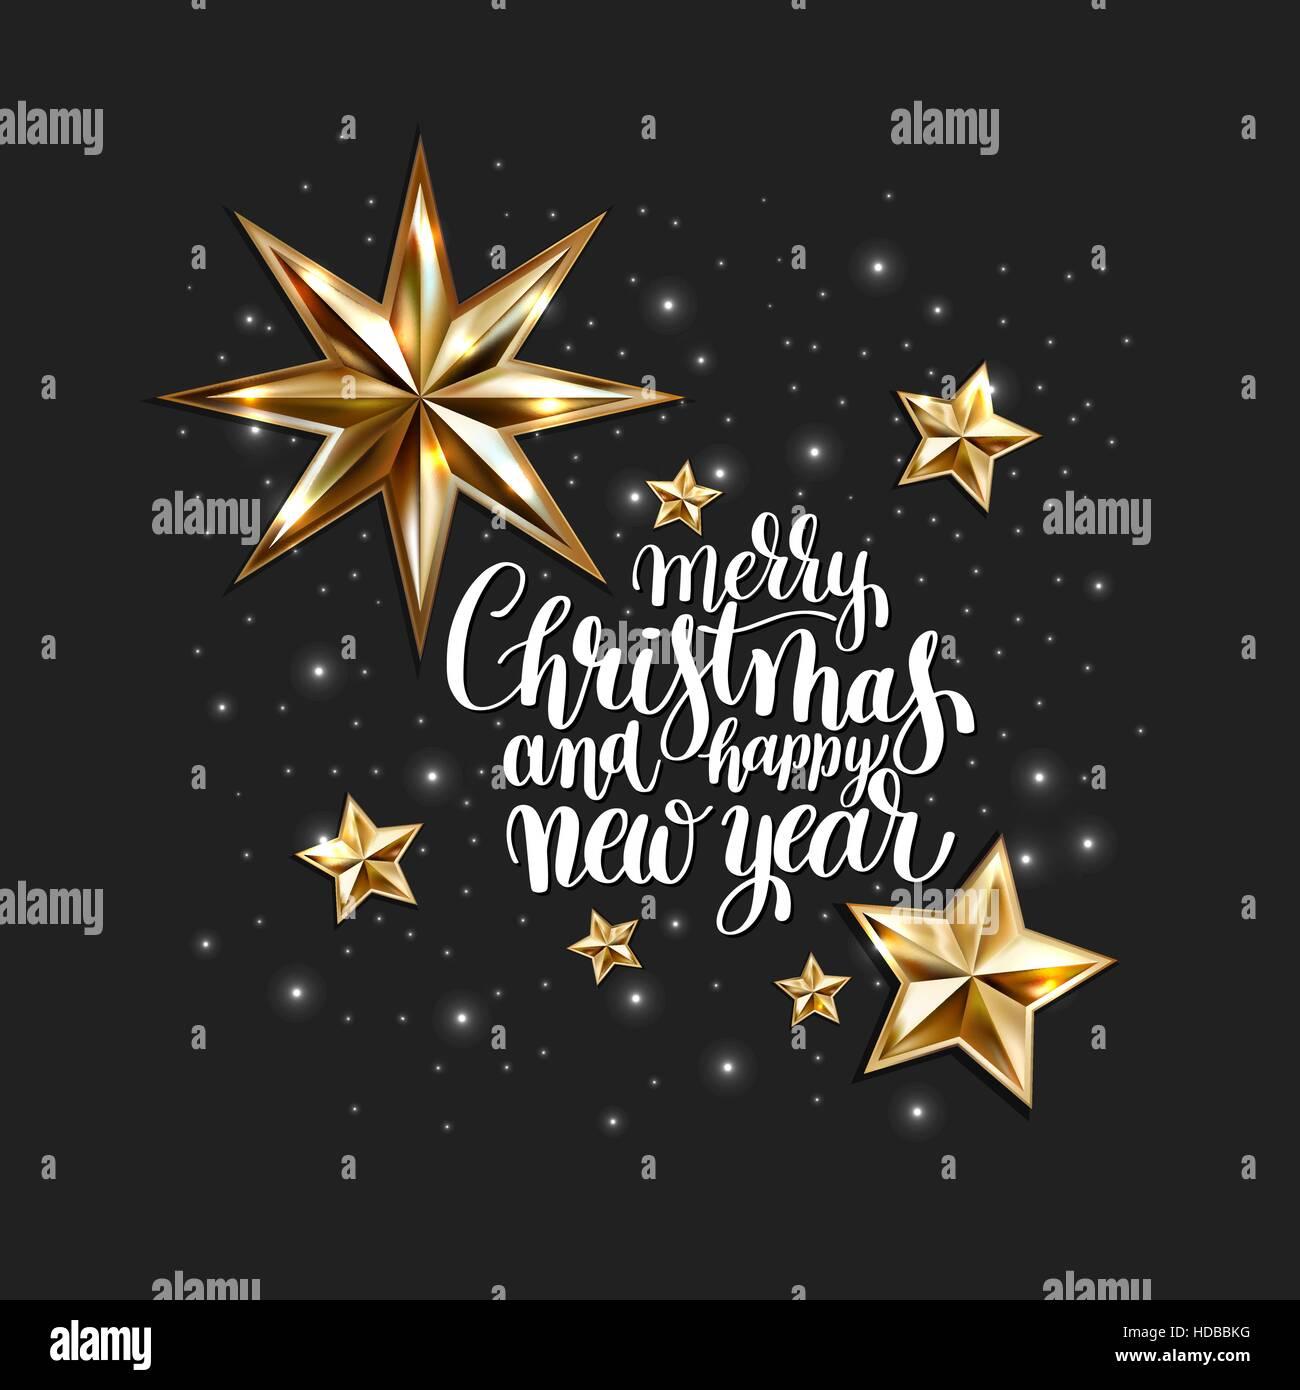 Frohe Weihnachten Schriftzug Beleuchtet.Urlaub Lichter Und Handschriftlich Schriftzug Frohe Weihnachten